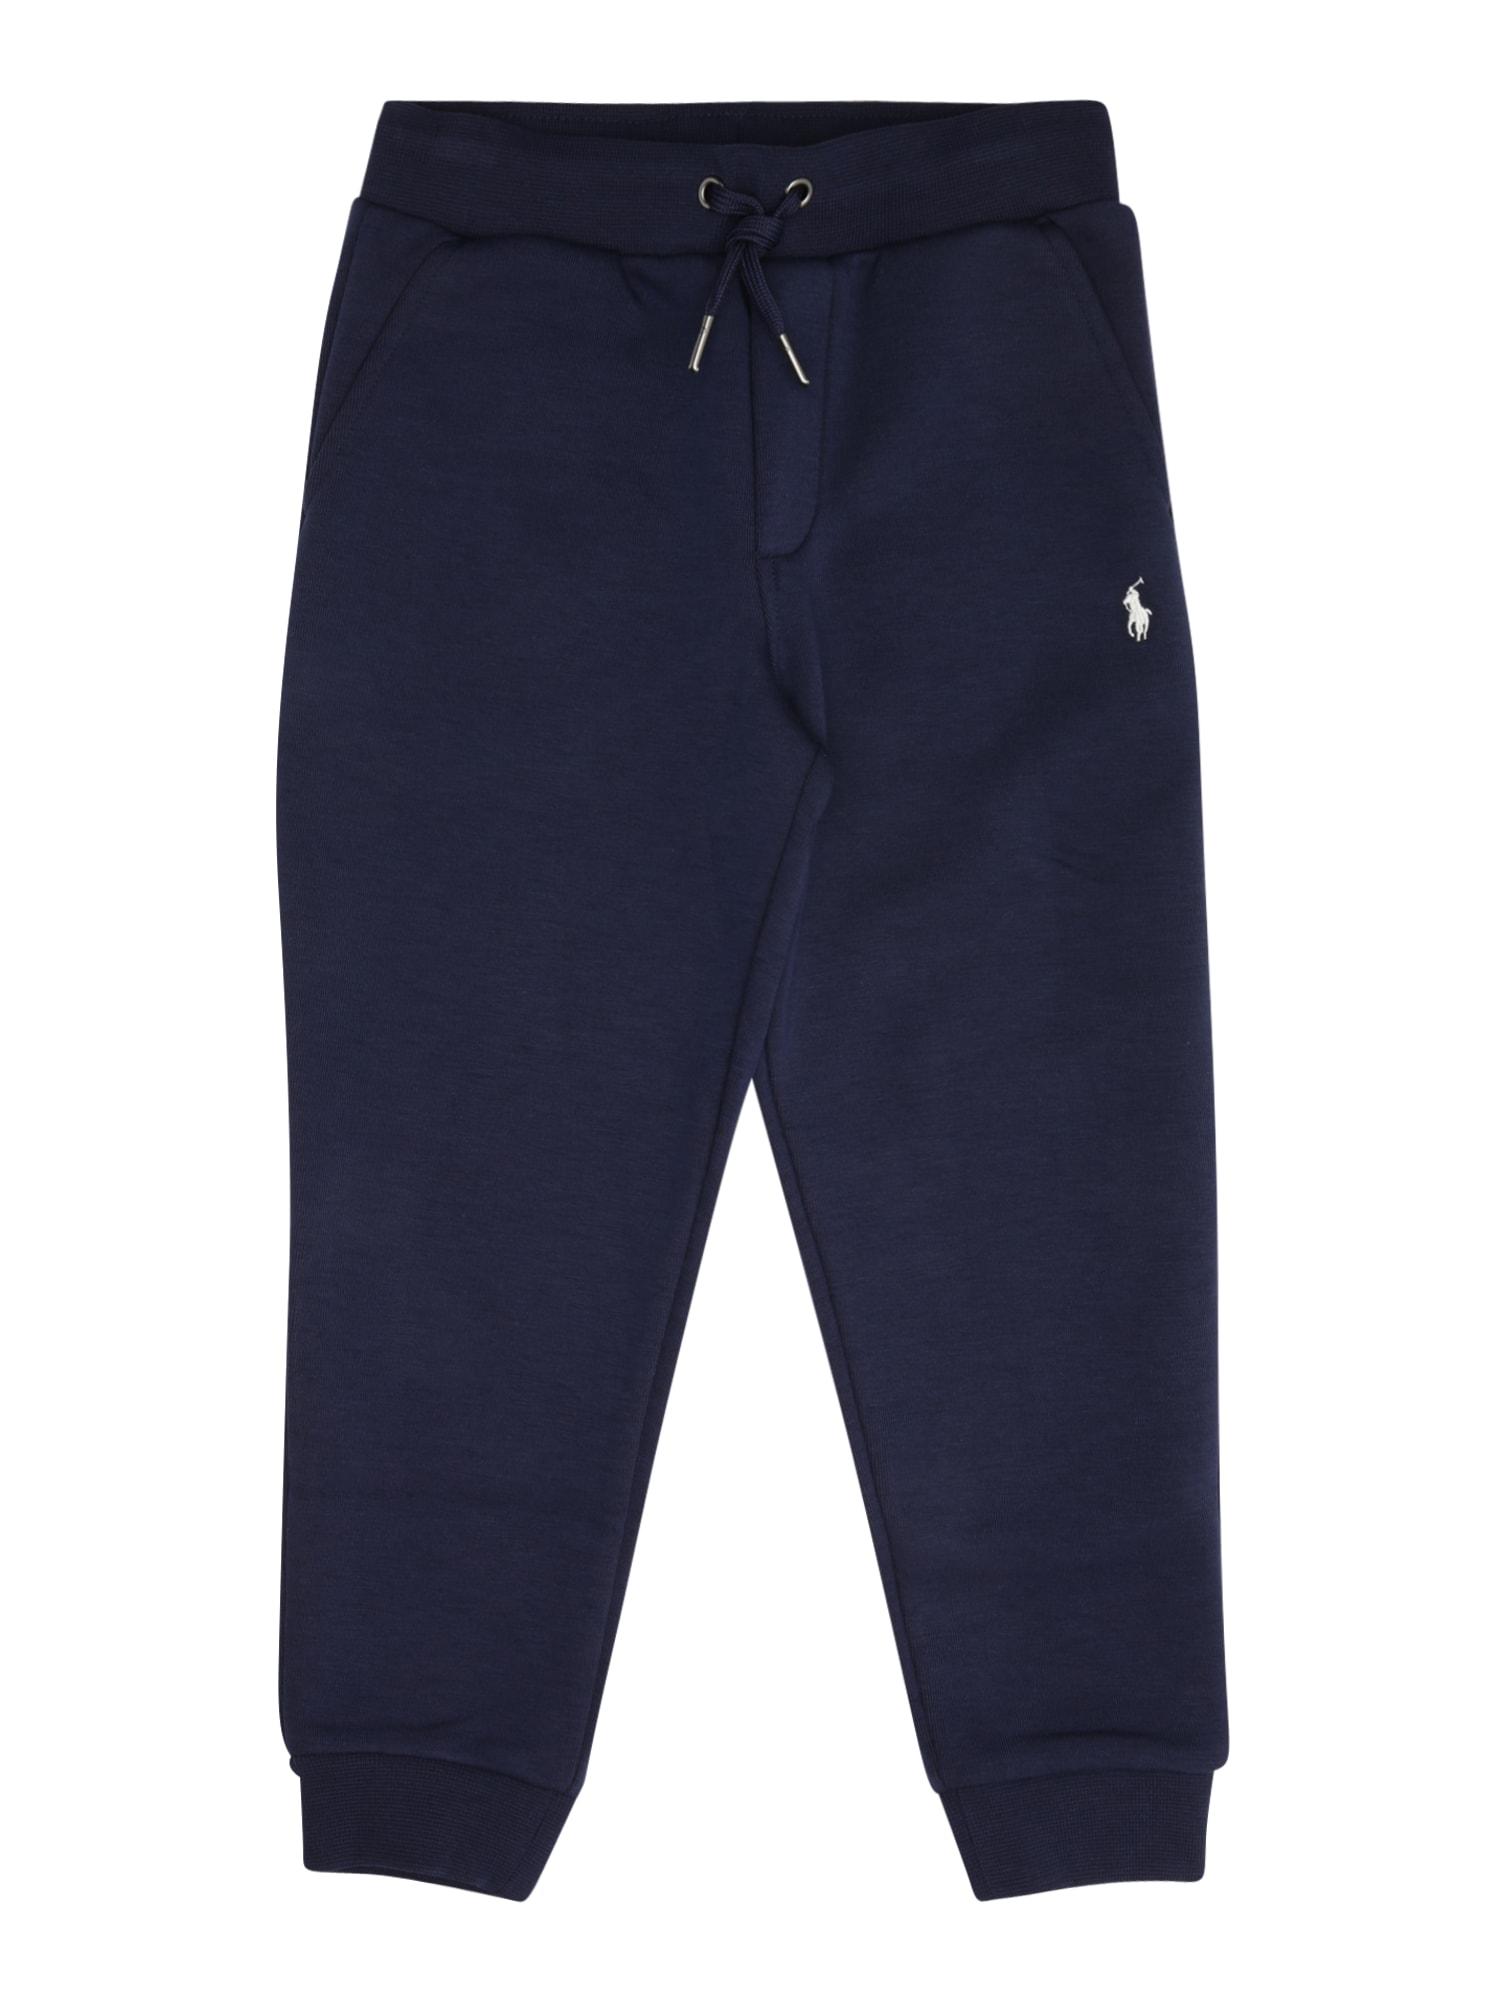 Kalhoty PO PANT námořnická modř POLO RALPH LAUREN